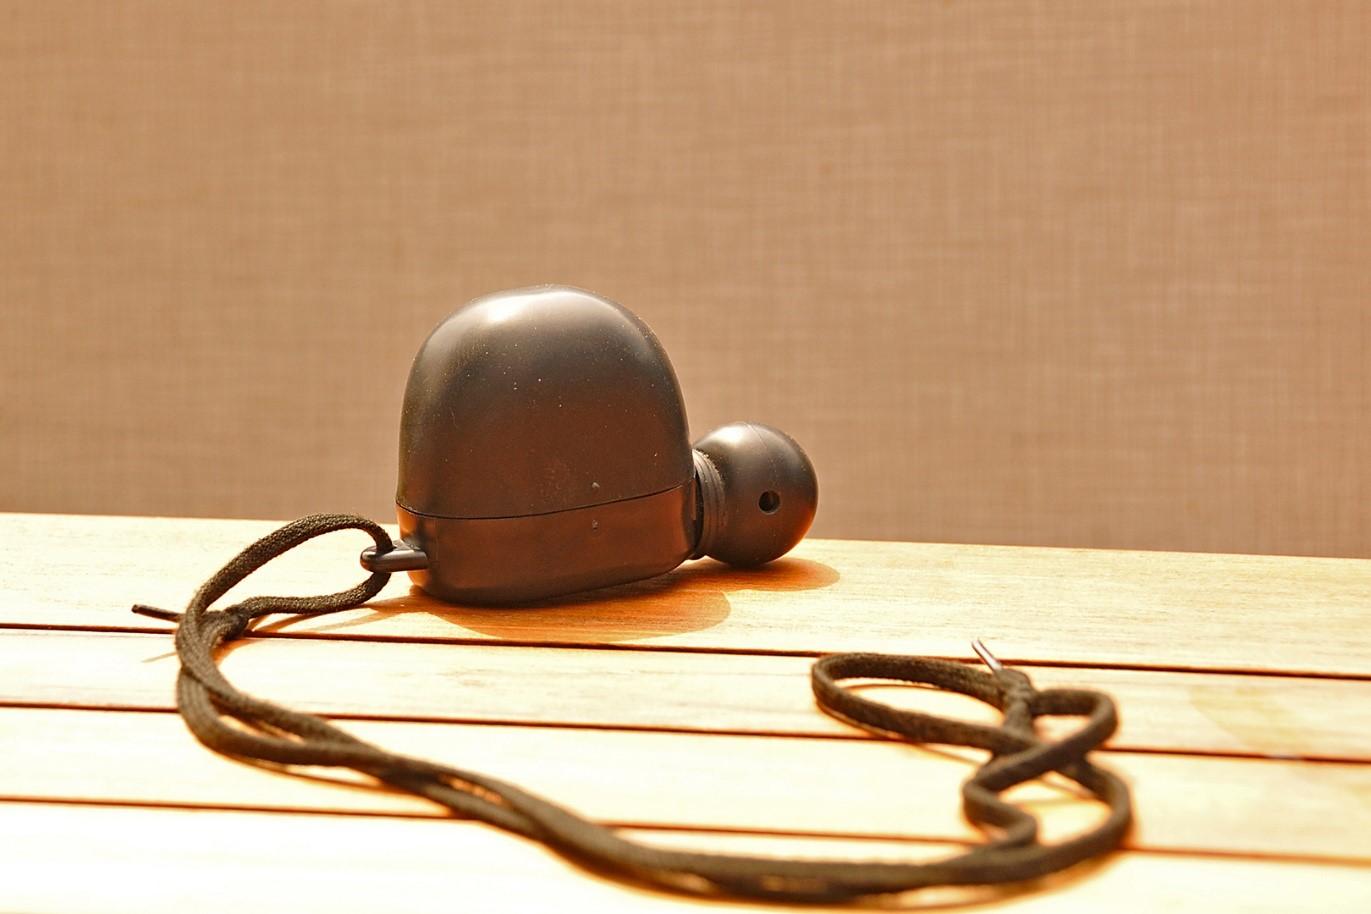 De oude- vertrouwde BUTTOLO als ree fiep (Lees: reeënlokker) - Foto: ©Ton Heekelaar